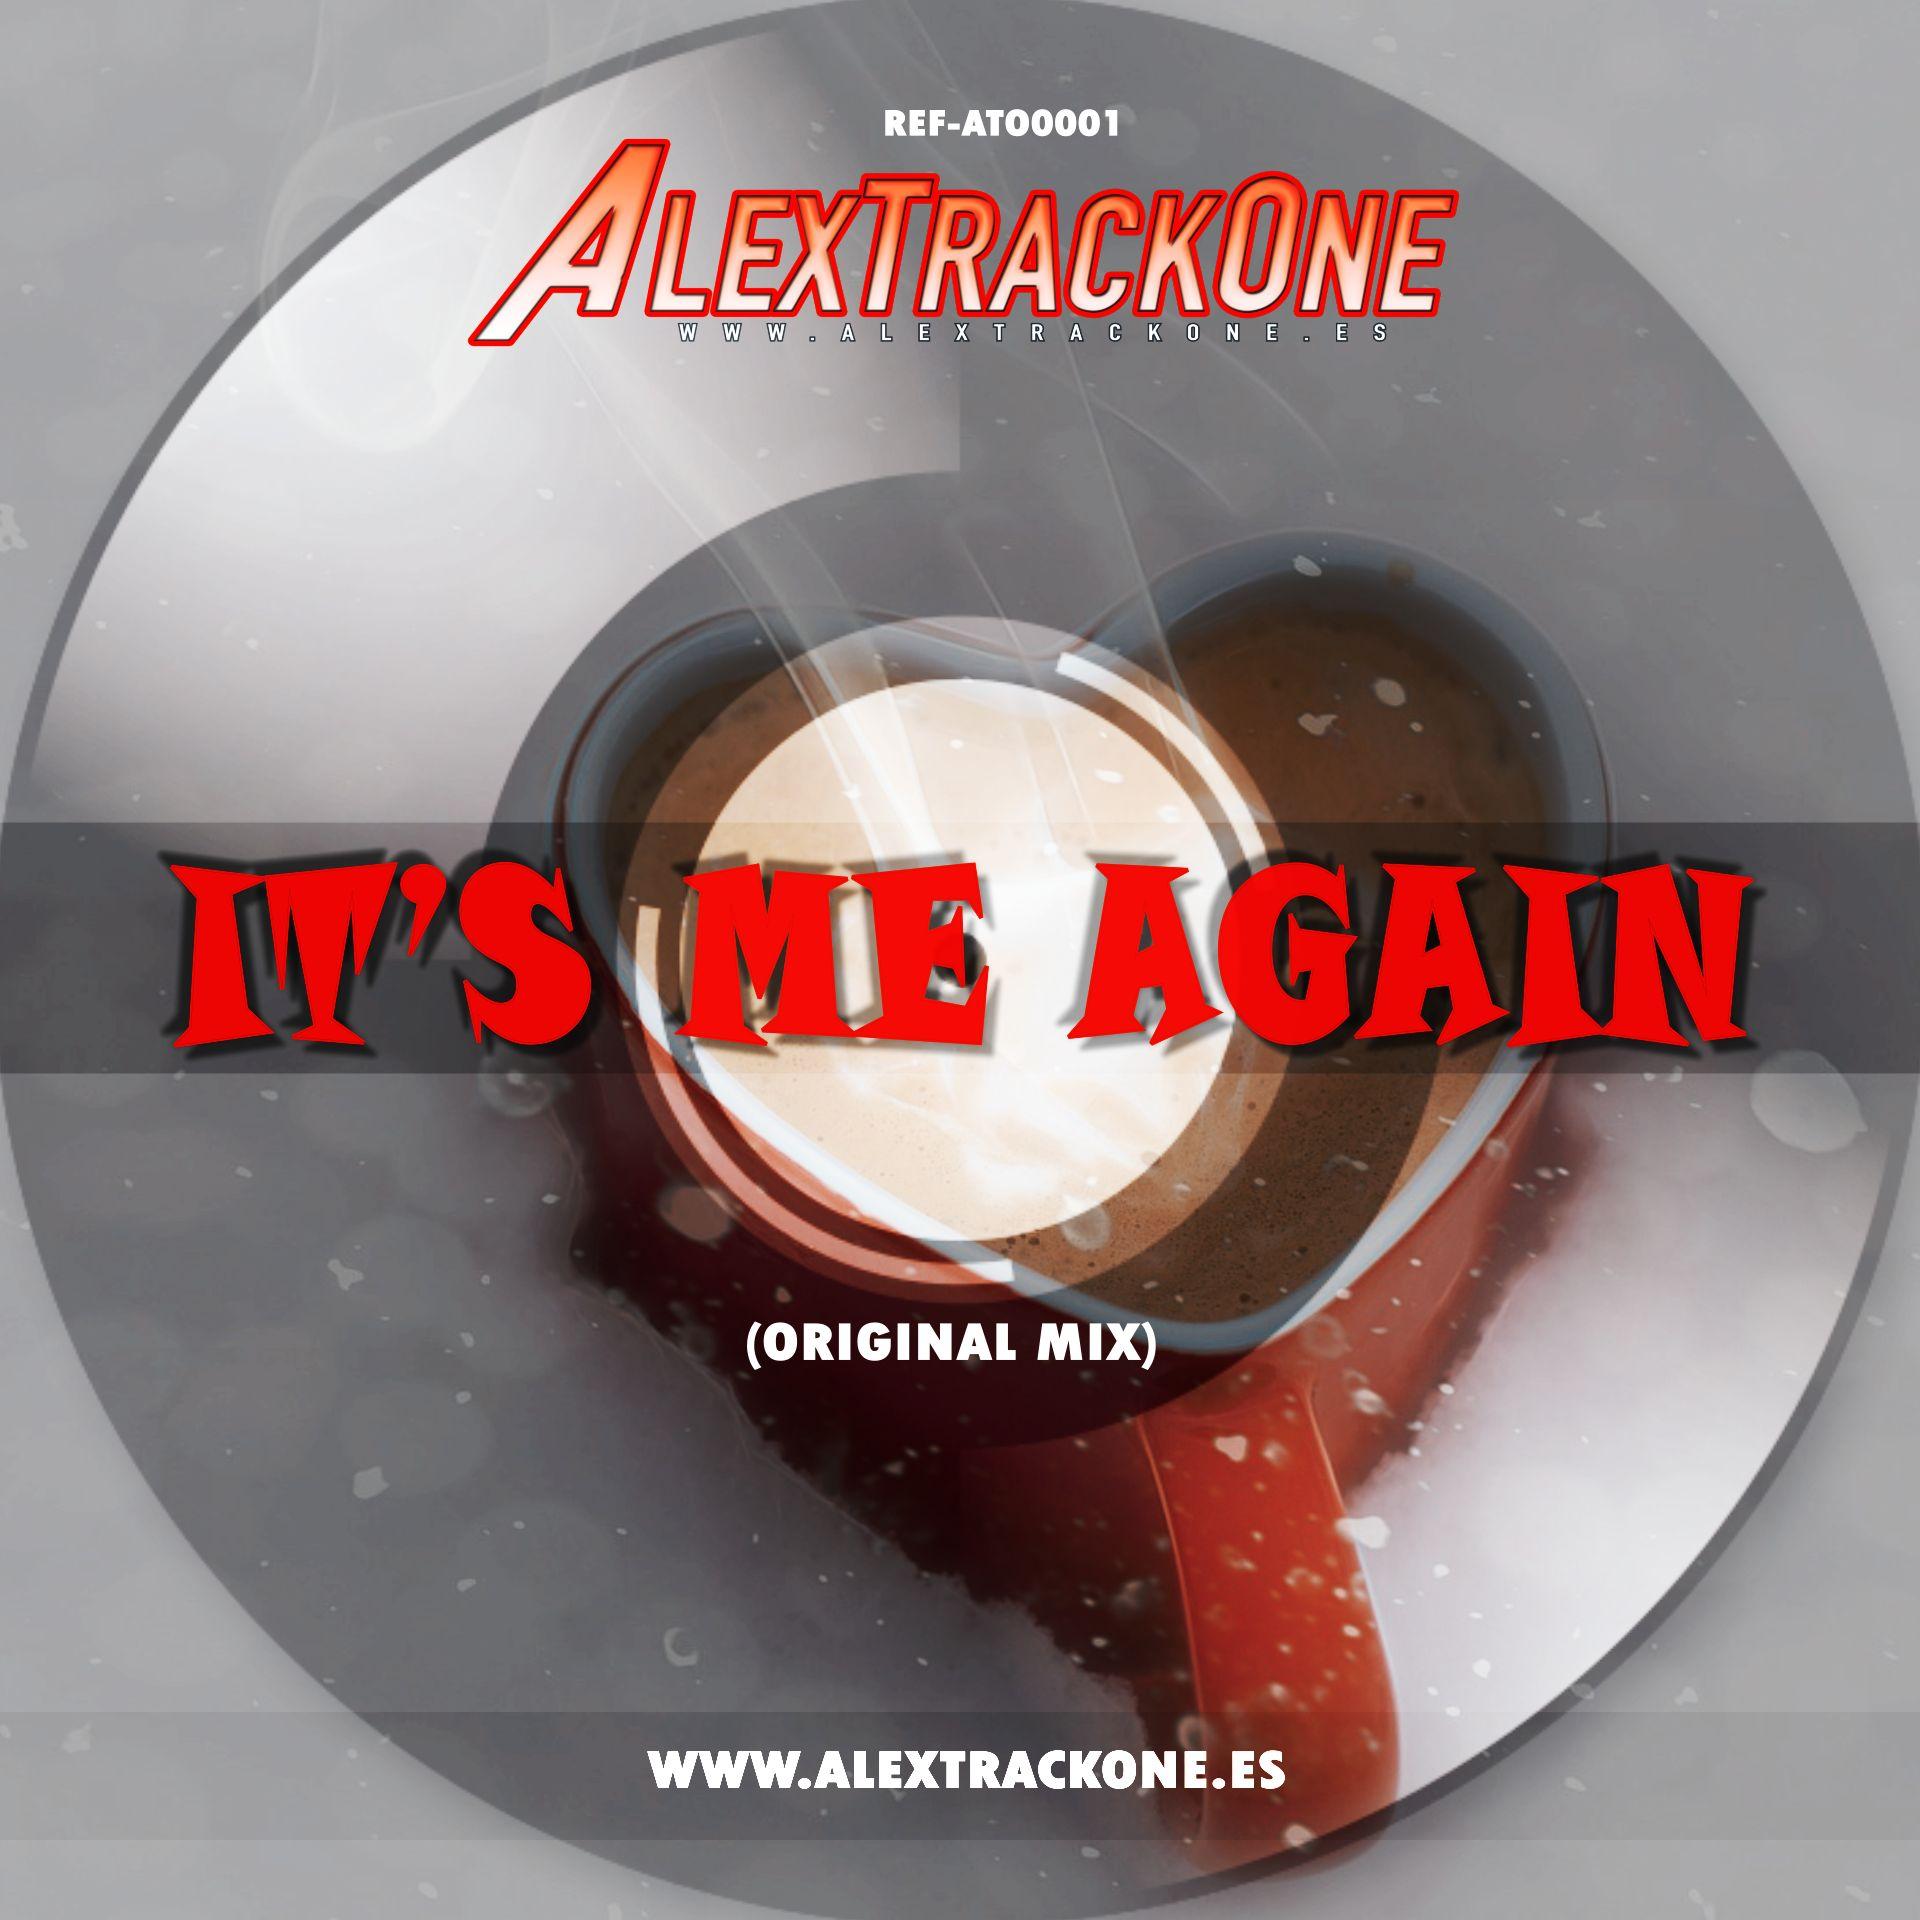 REF-ATO0001 ITS ME AGAIN (ORIGINAL MIX) (MP3 & WAV)